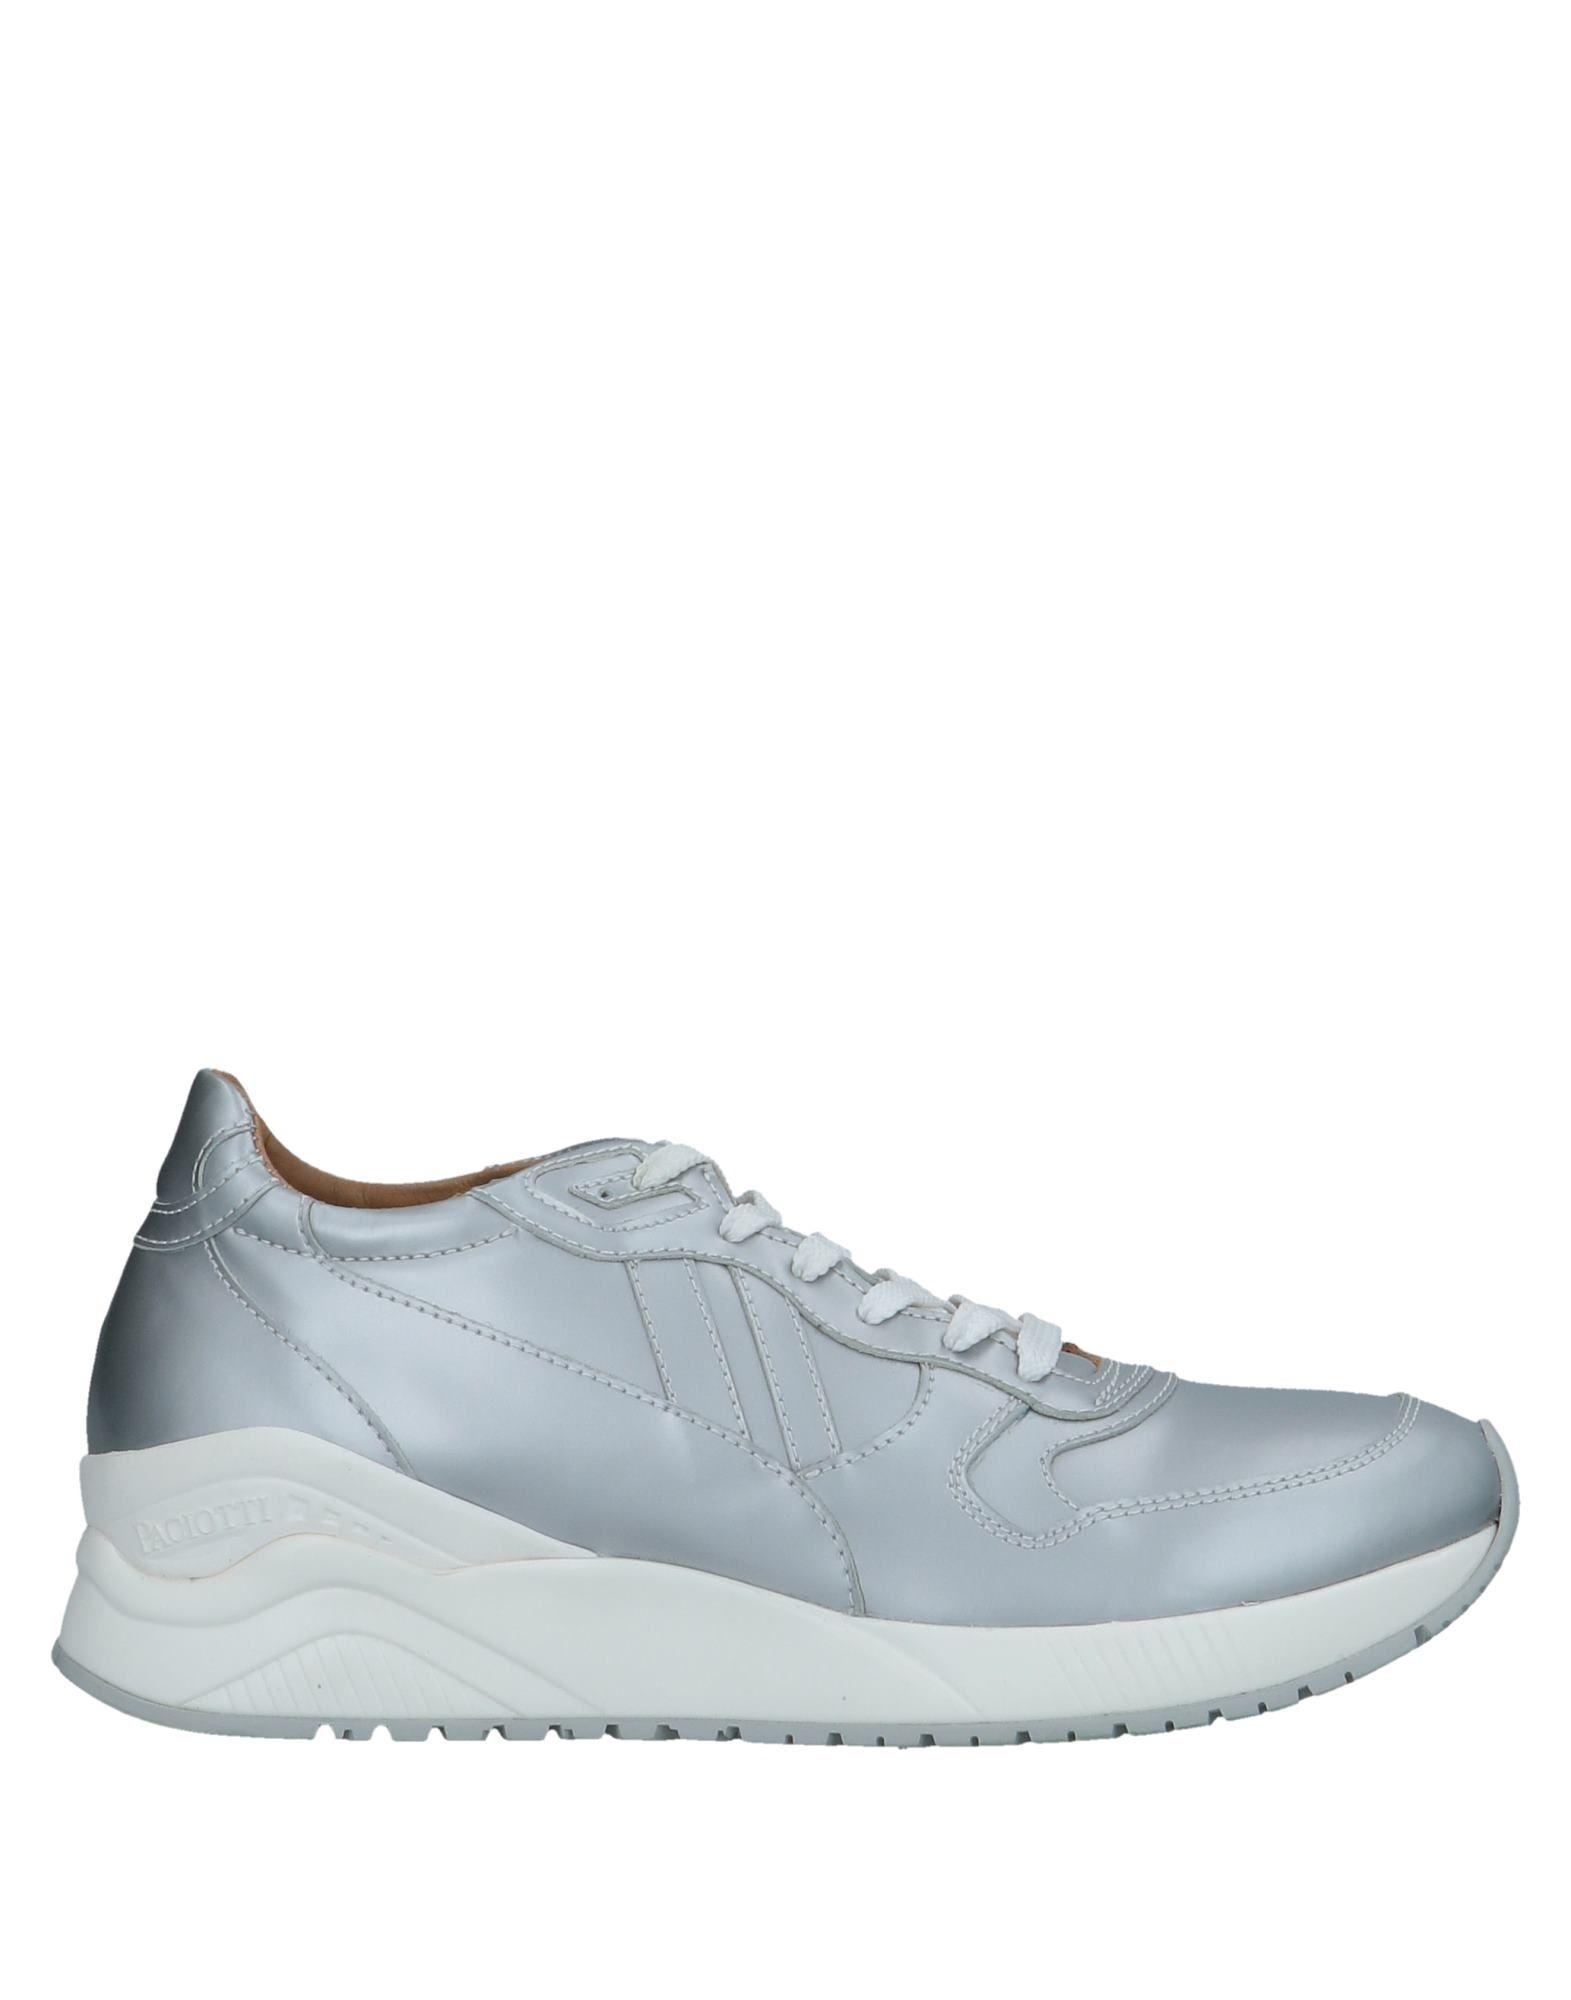 Cesare Paciotti 11509398TB 4Us Sneakers Damen  11509398TB Paciotti f7caca